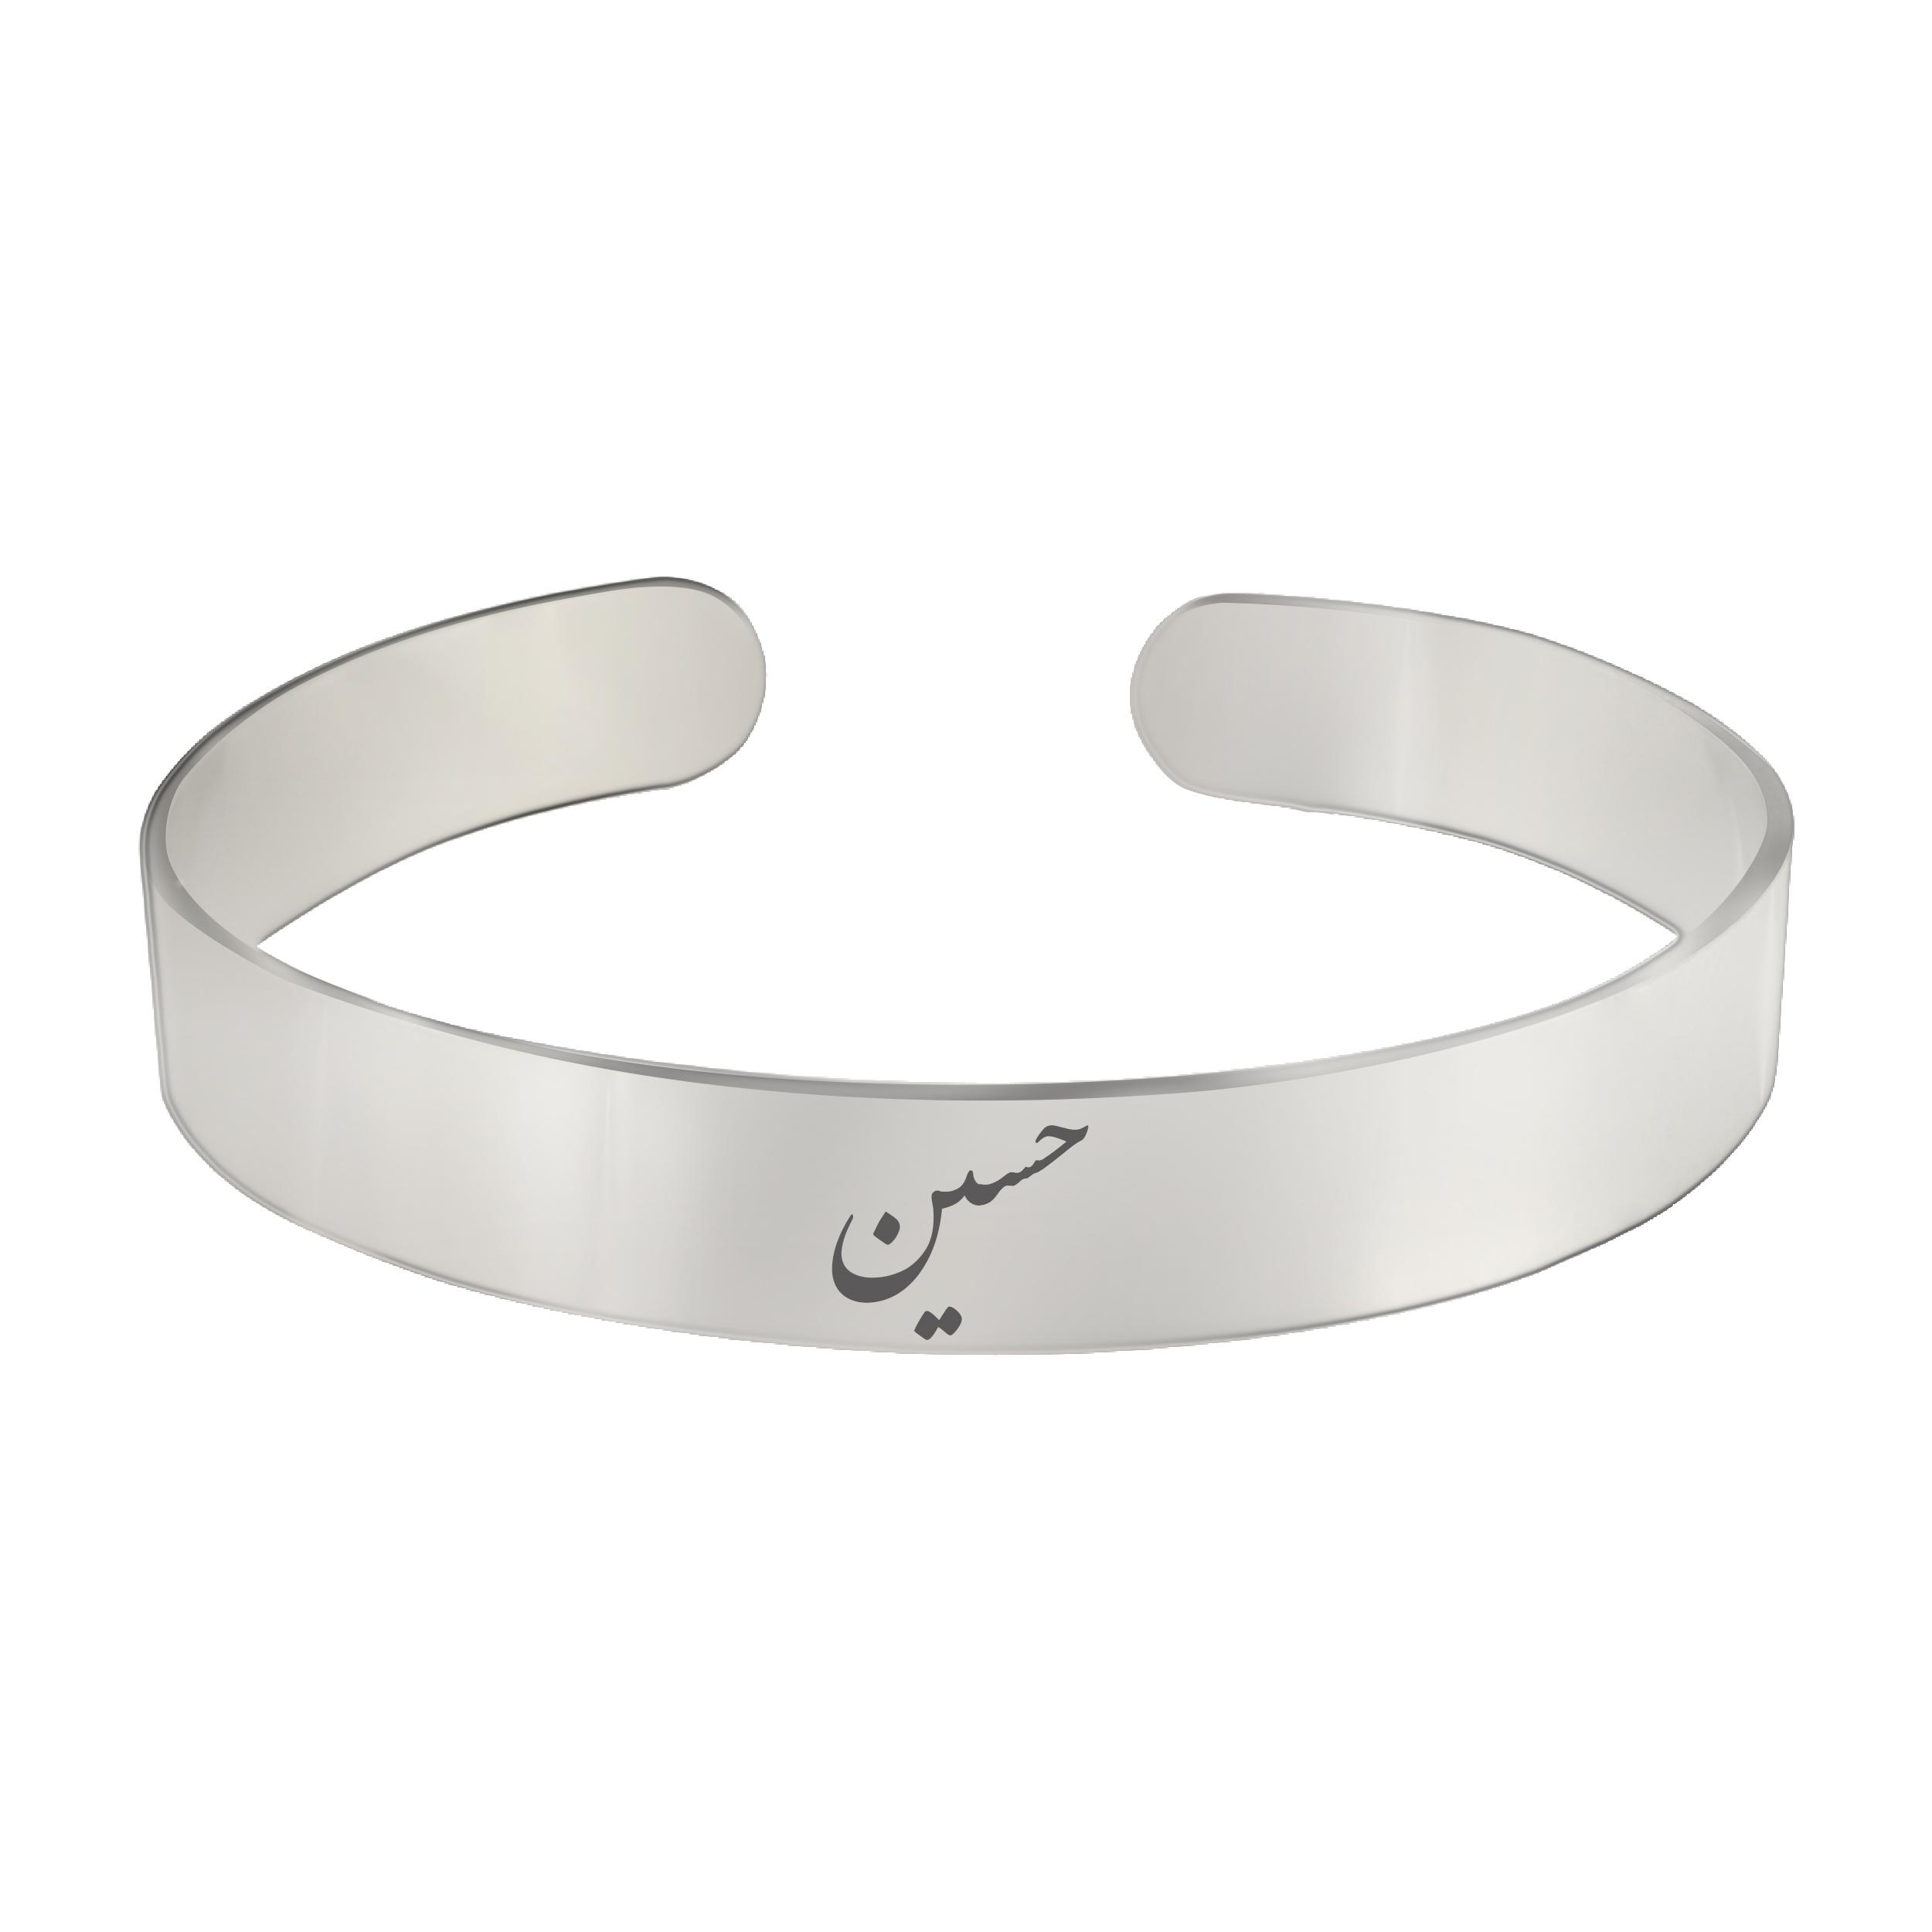 دستبند مردانه ترمه ۱ مدل حسین کد 483 Bns